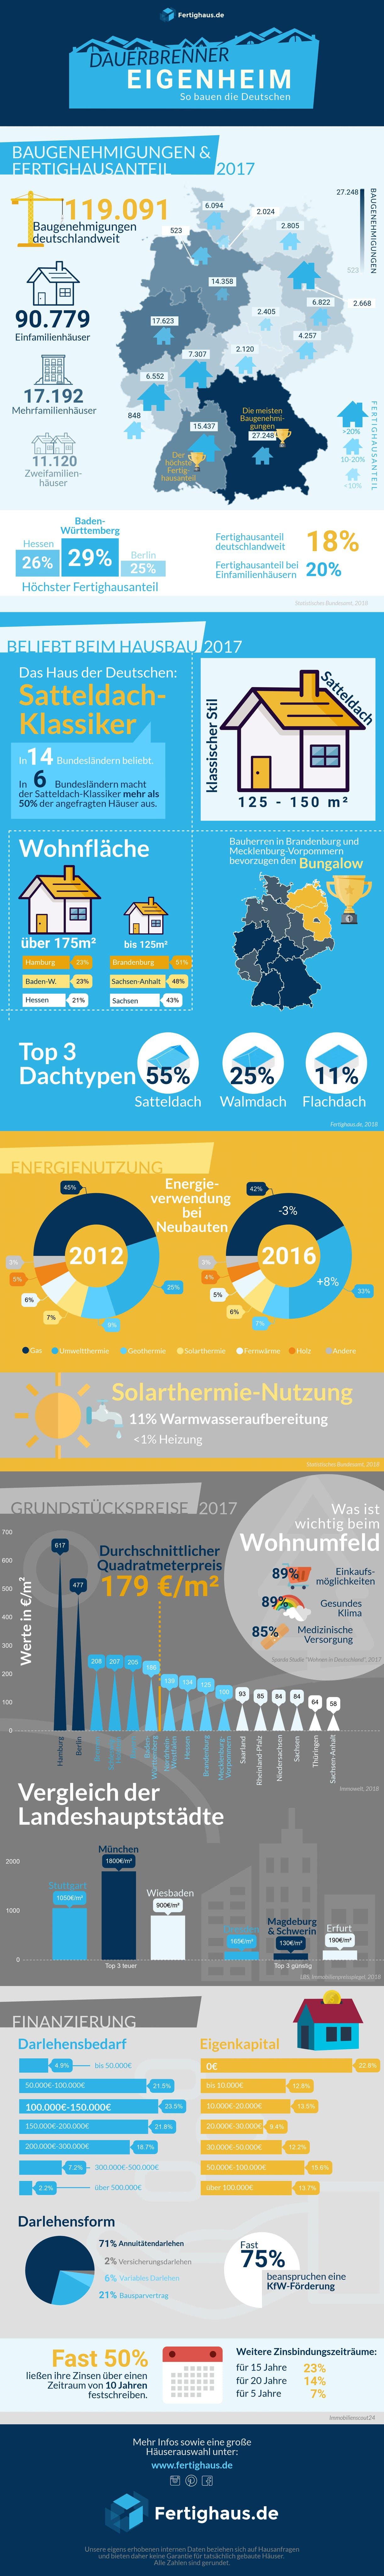 Infografik mit Zahlen und Fakten der Baubranche und deutschen Bauherren